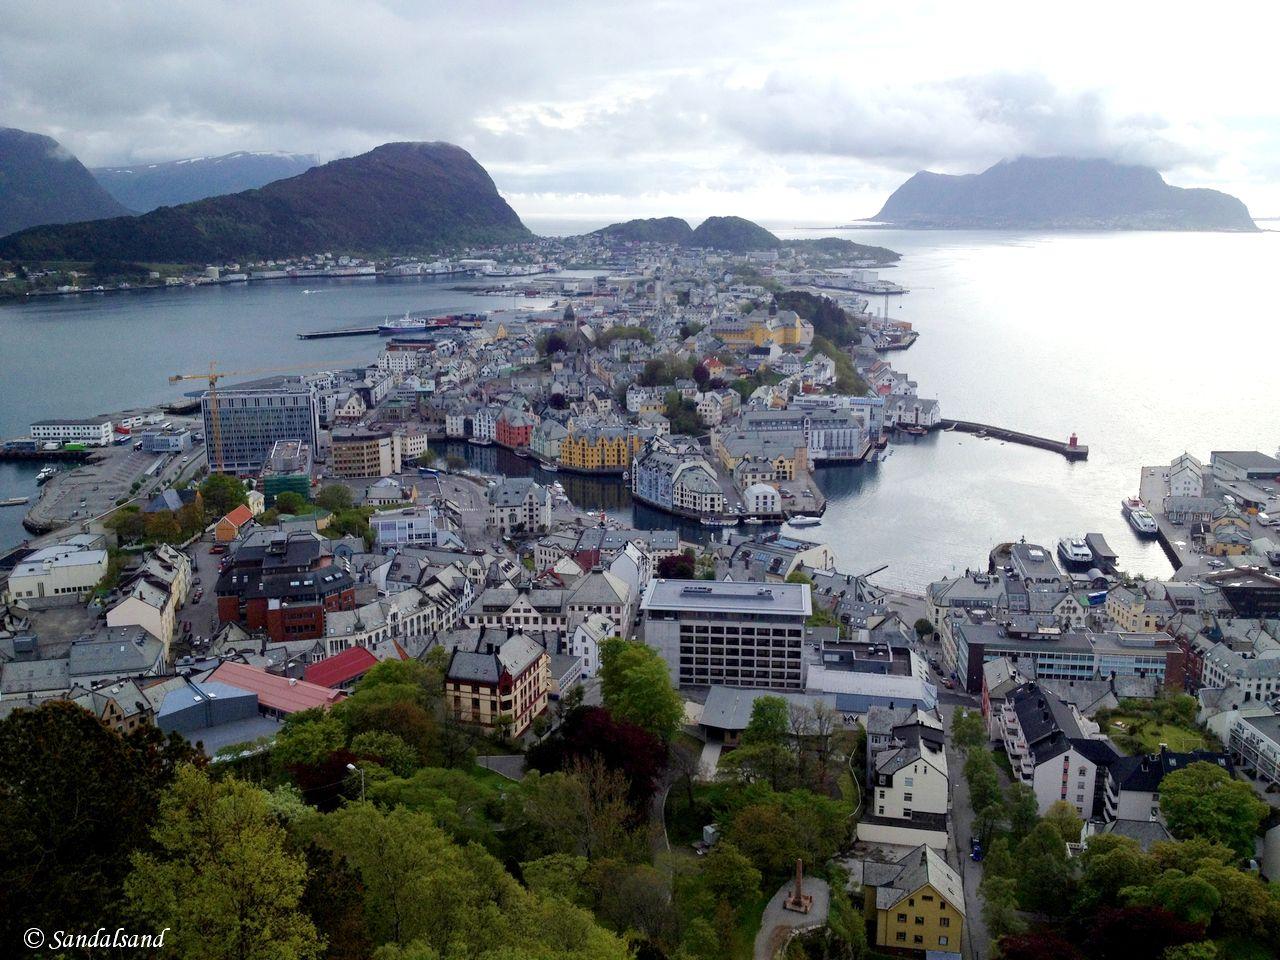 Møre og Romsdal - Ålesund - Utsikt fra Aksla